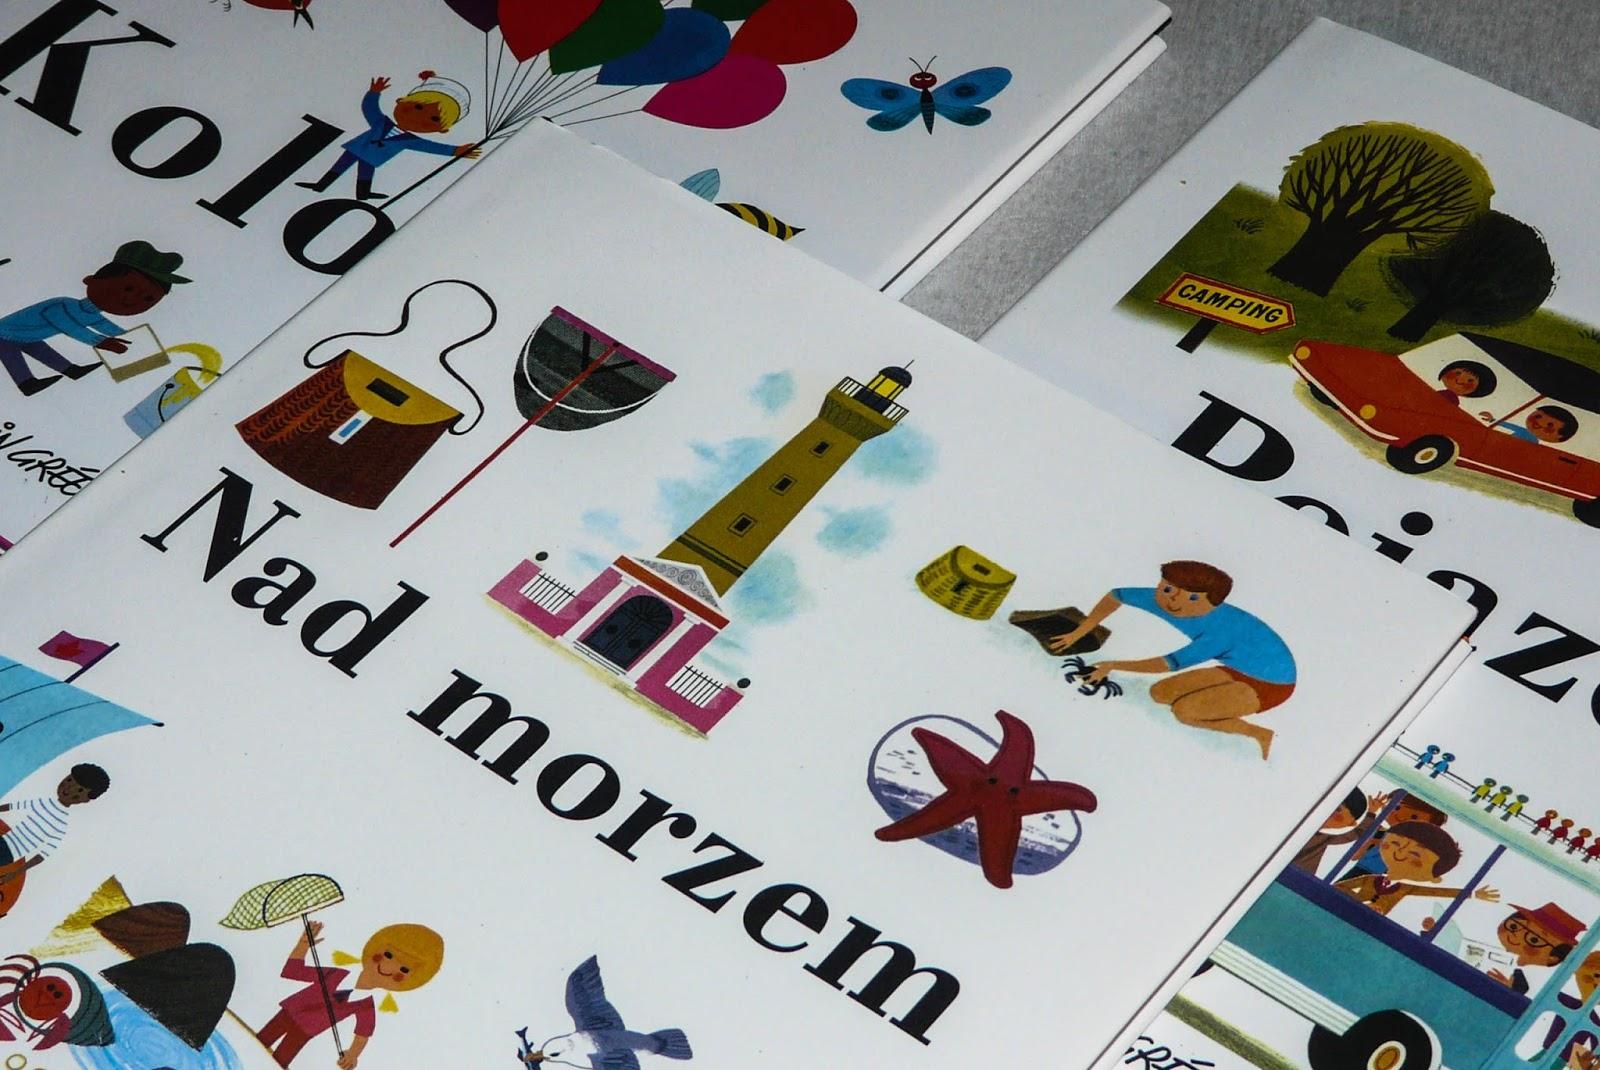 książki dla trzylatka, książki alaina gree, co czytać z dwulatkiem, blog, recenzje, inspiracje